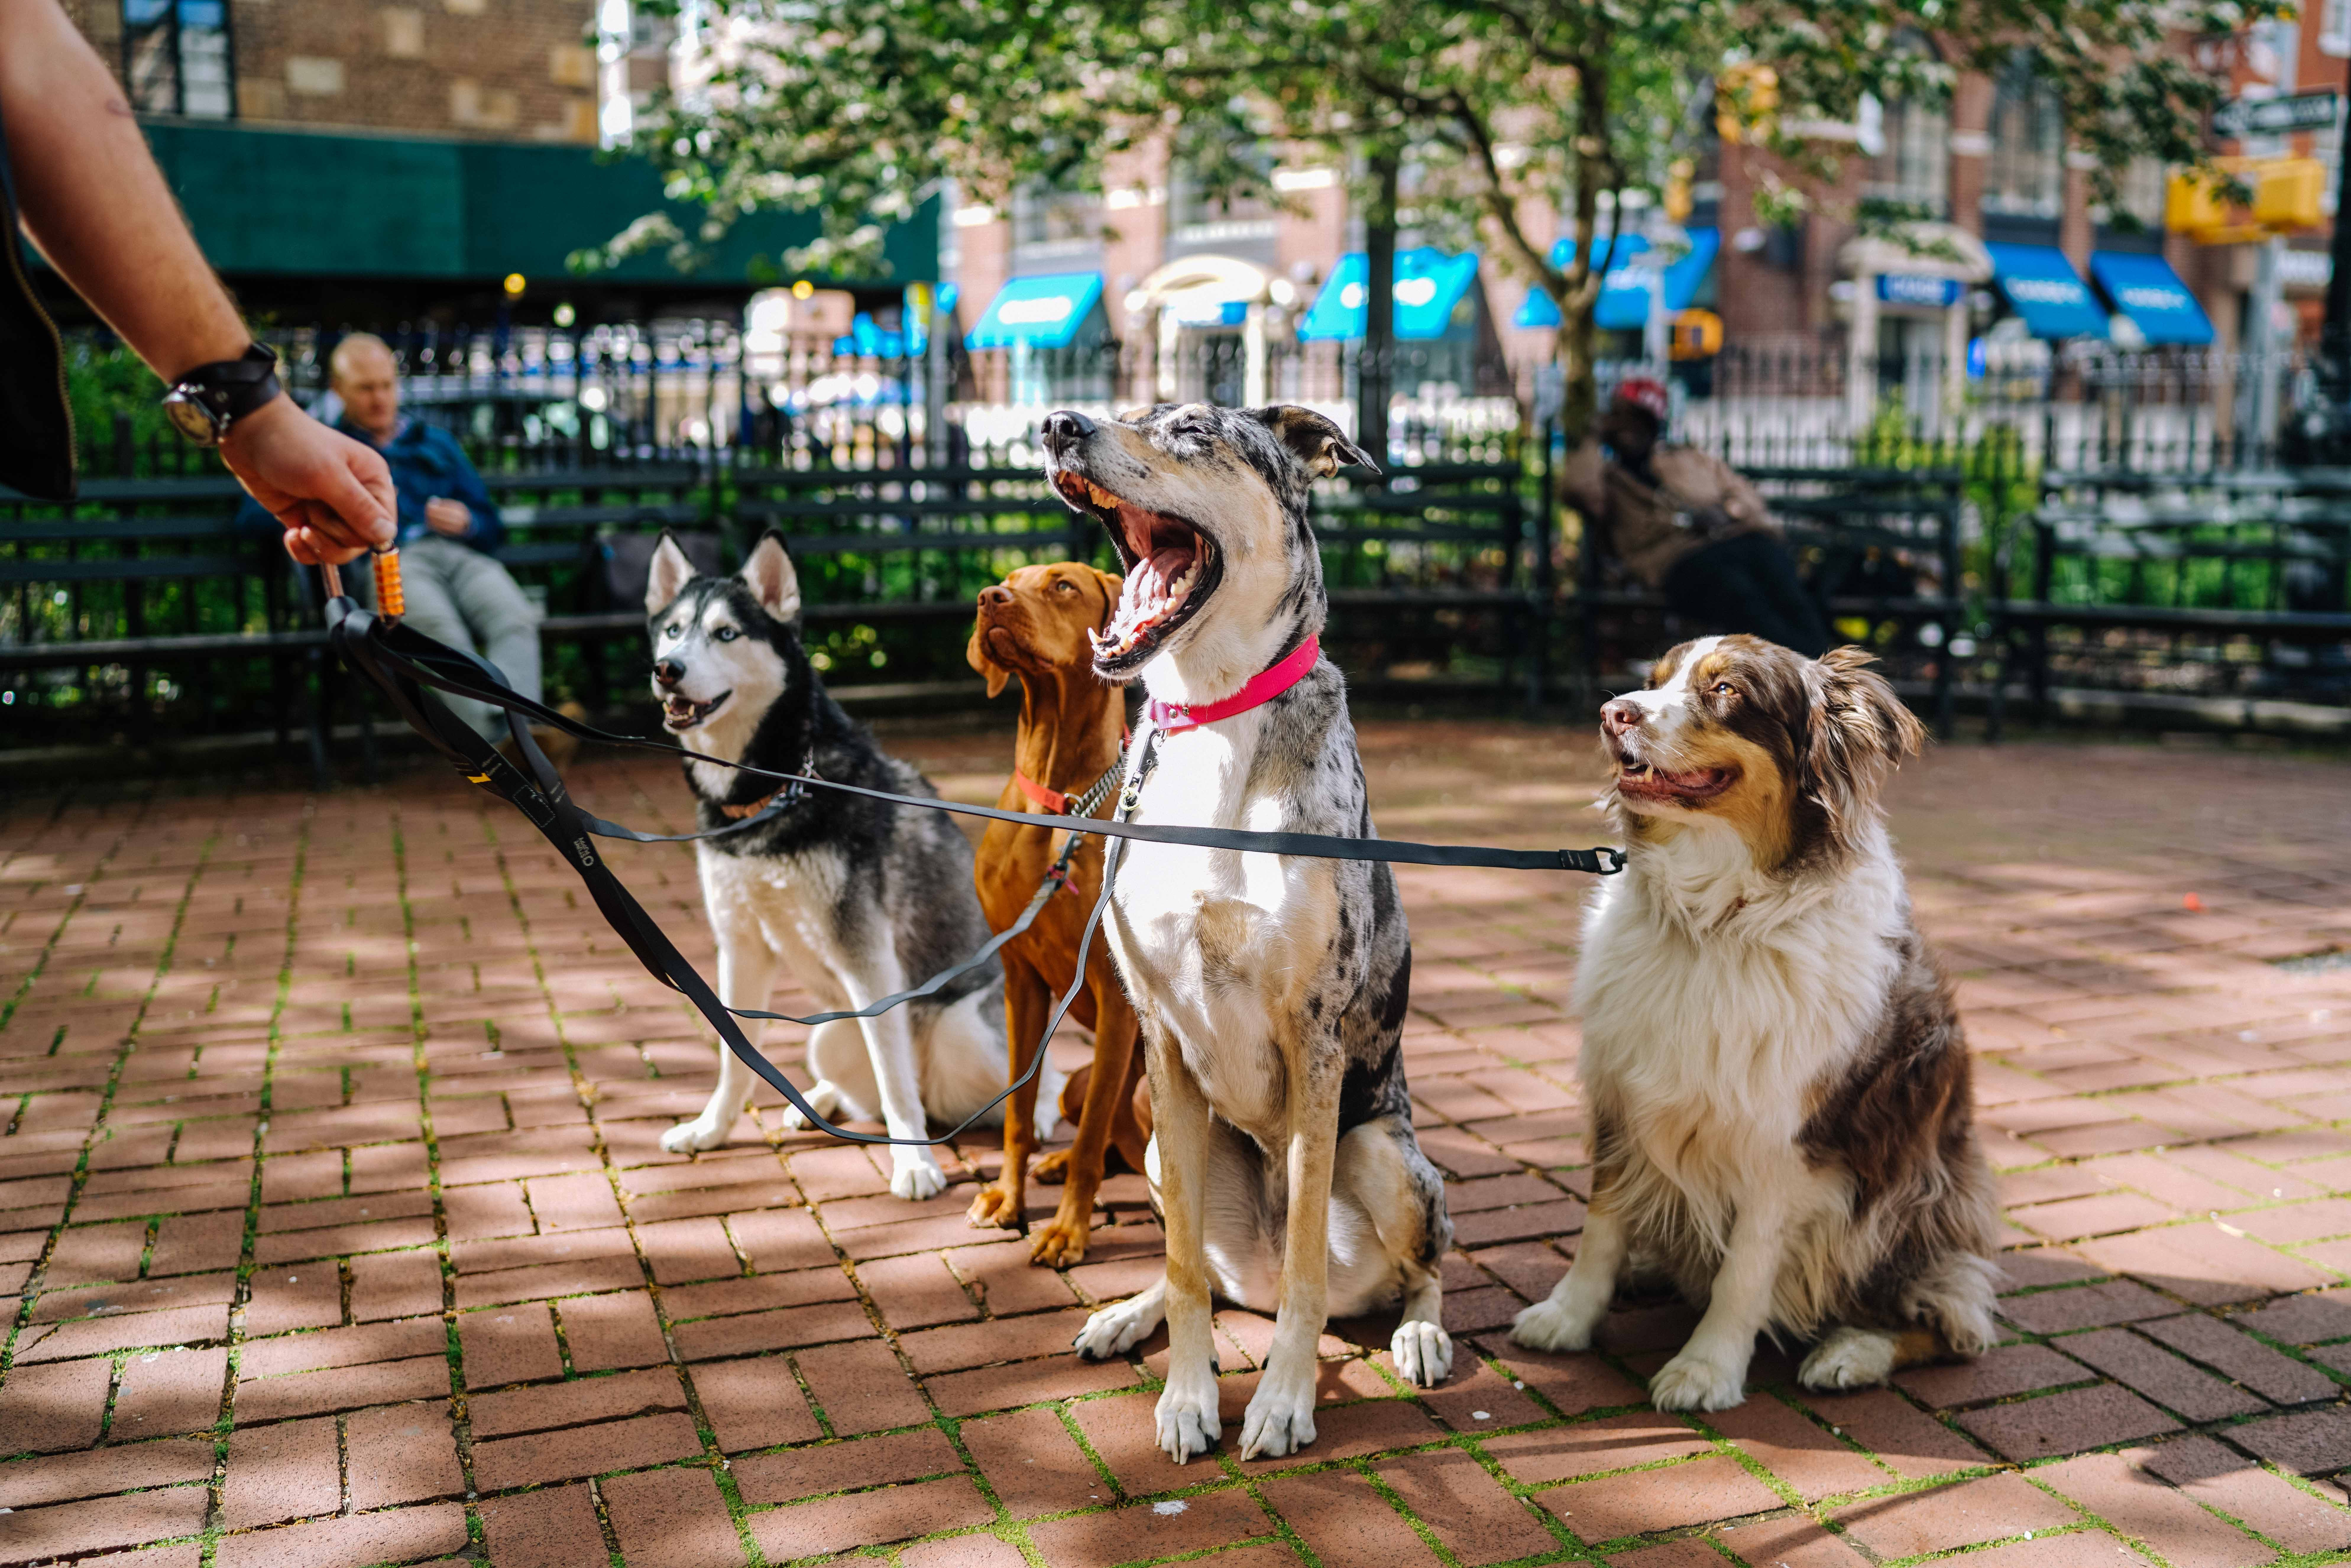 Problemas de comportamiento del perro - imagen 2